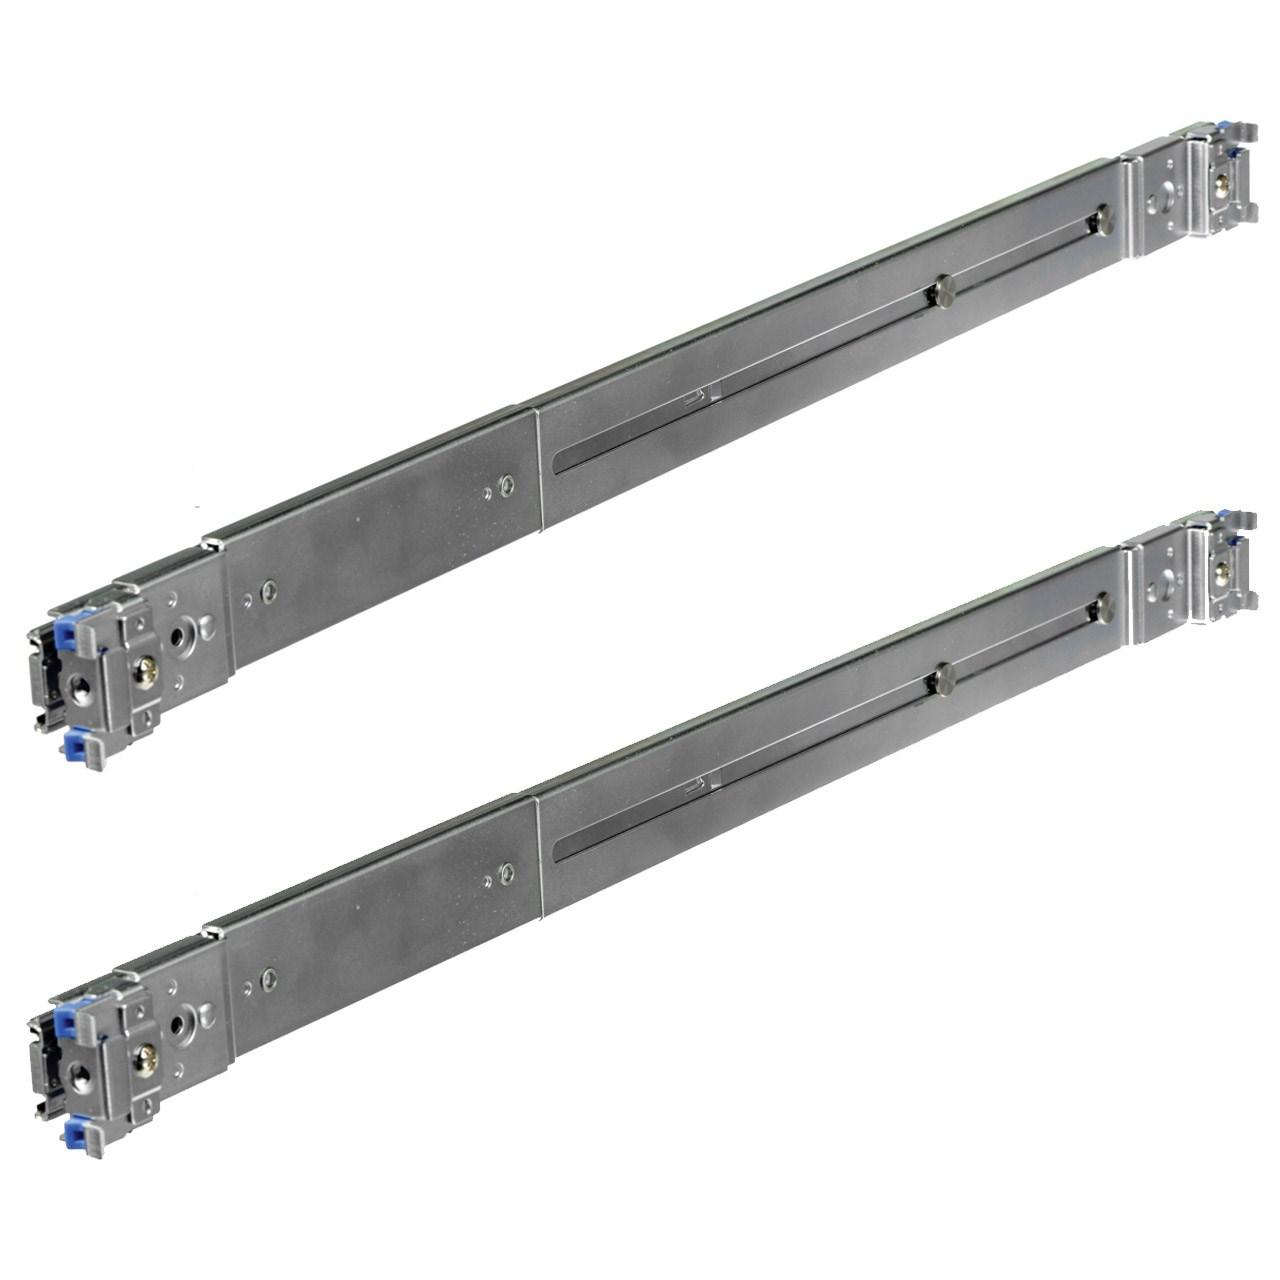 بررسی و خرید [با تخفیف]                                     کیت ریل کیونپ مدل RAIL-A03-57 برای ذخیره سازهای تحت شبکه رکمونت 2U و 3U                             اورجینال